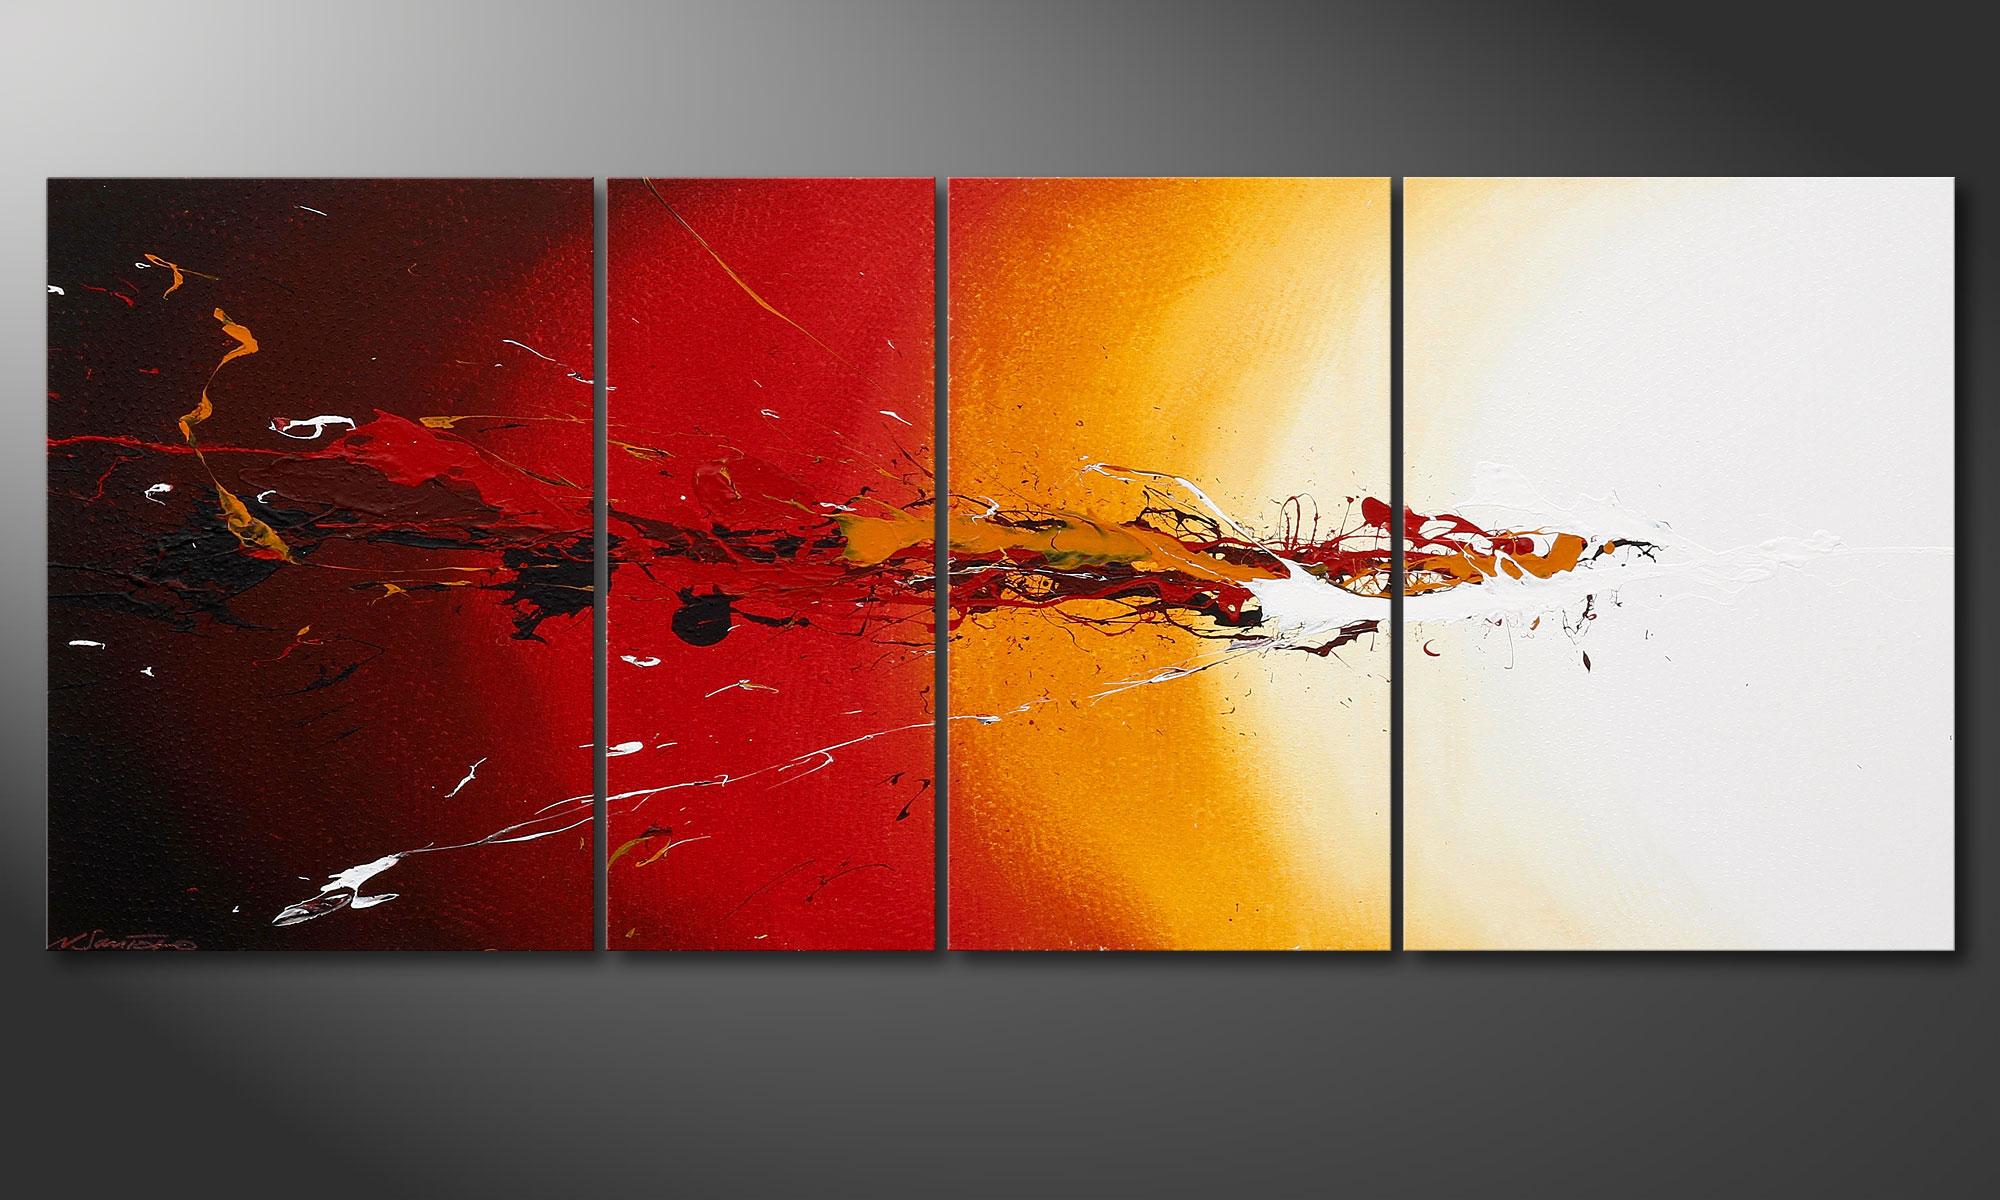 Le tableau mural moderne fiery splash 170x70cm tableaux xxl - Tableau moderne ...